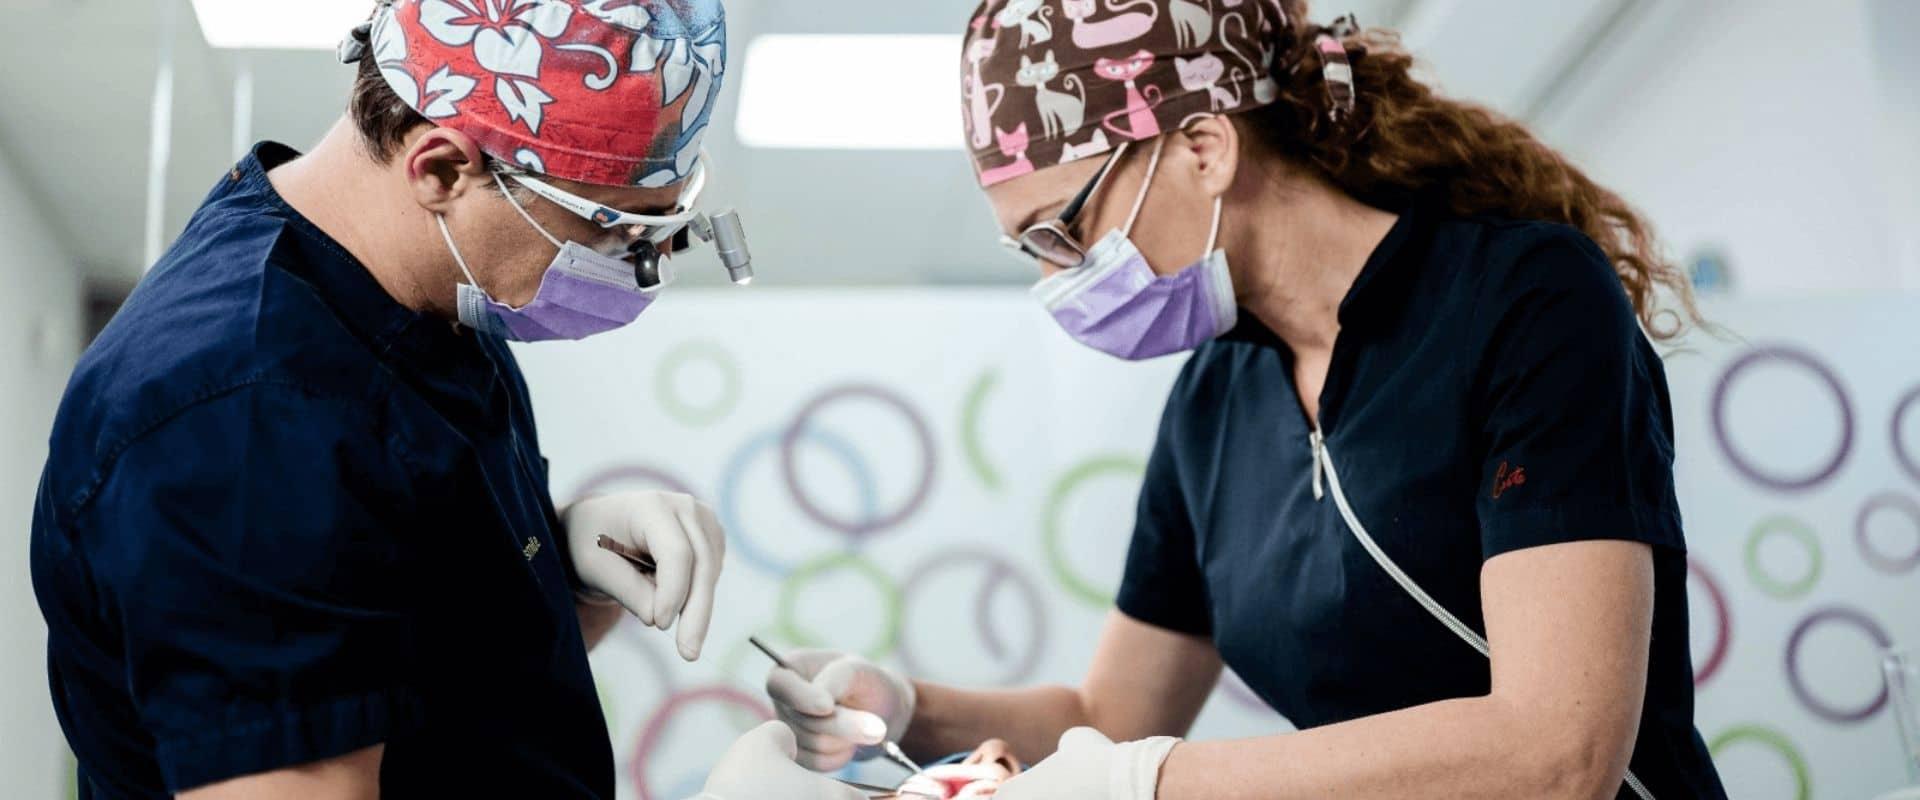 Stručnost osoblja u dentalnoj klinici - oralni kirurg - chirurgia dentale